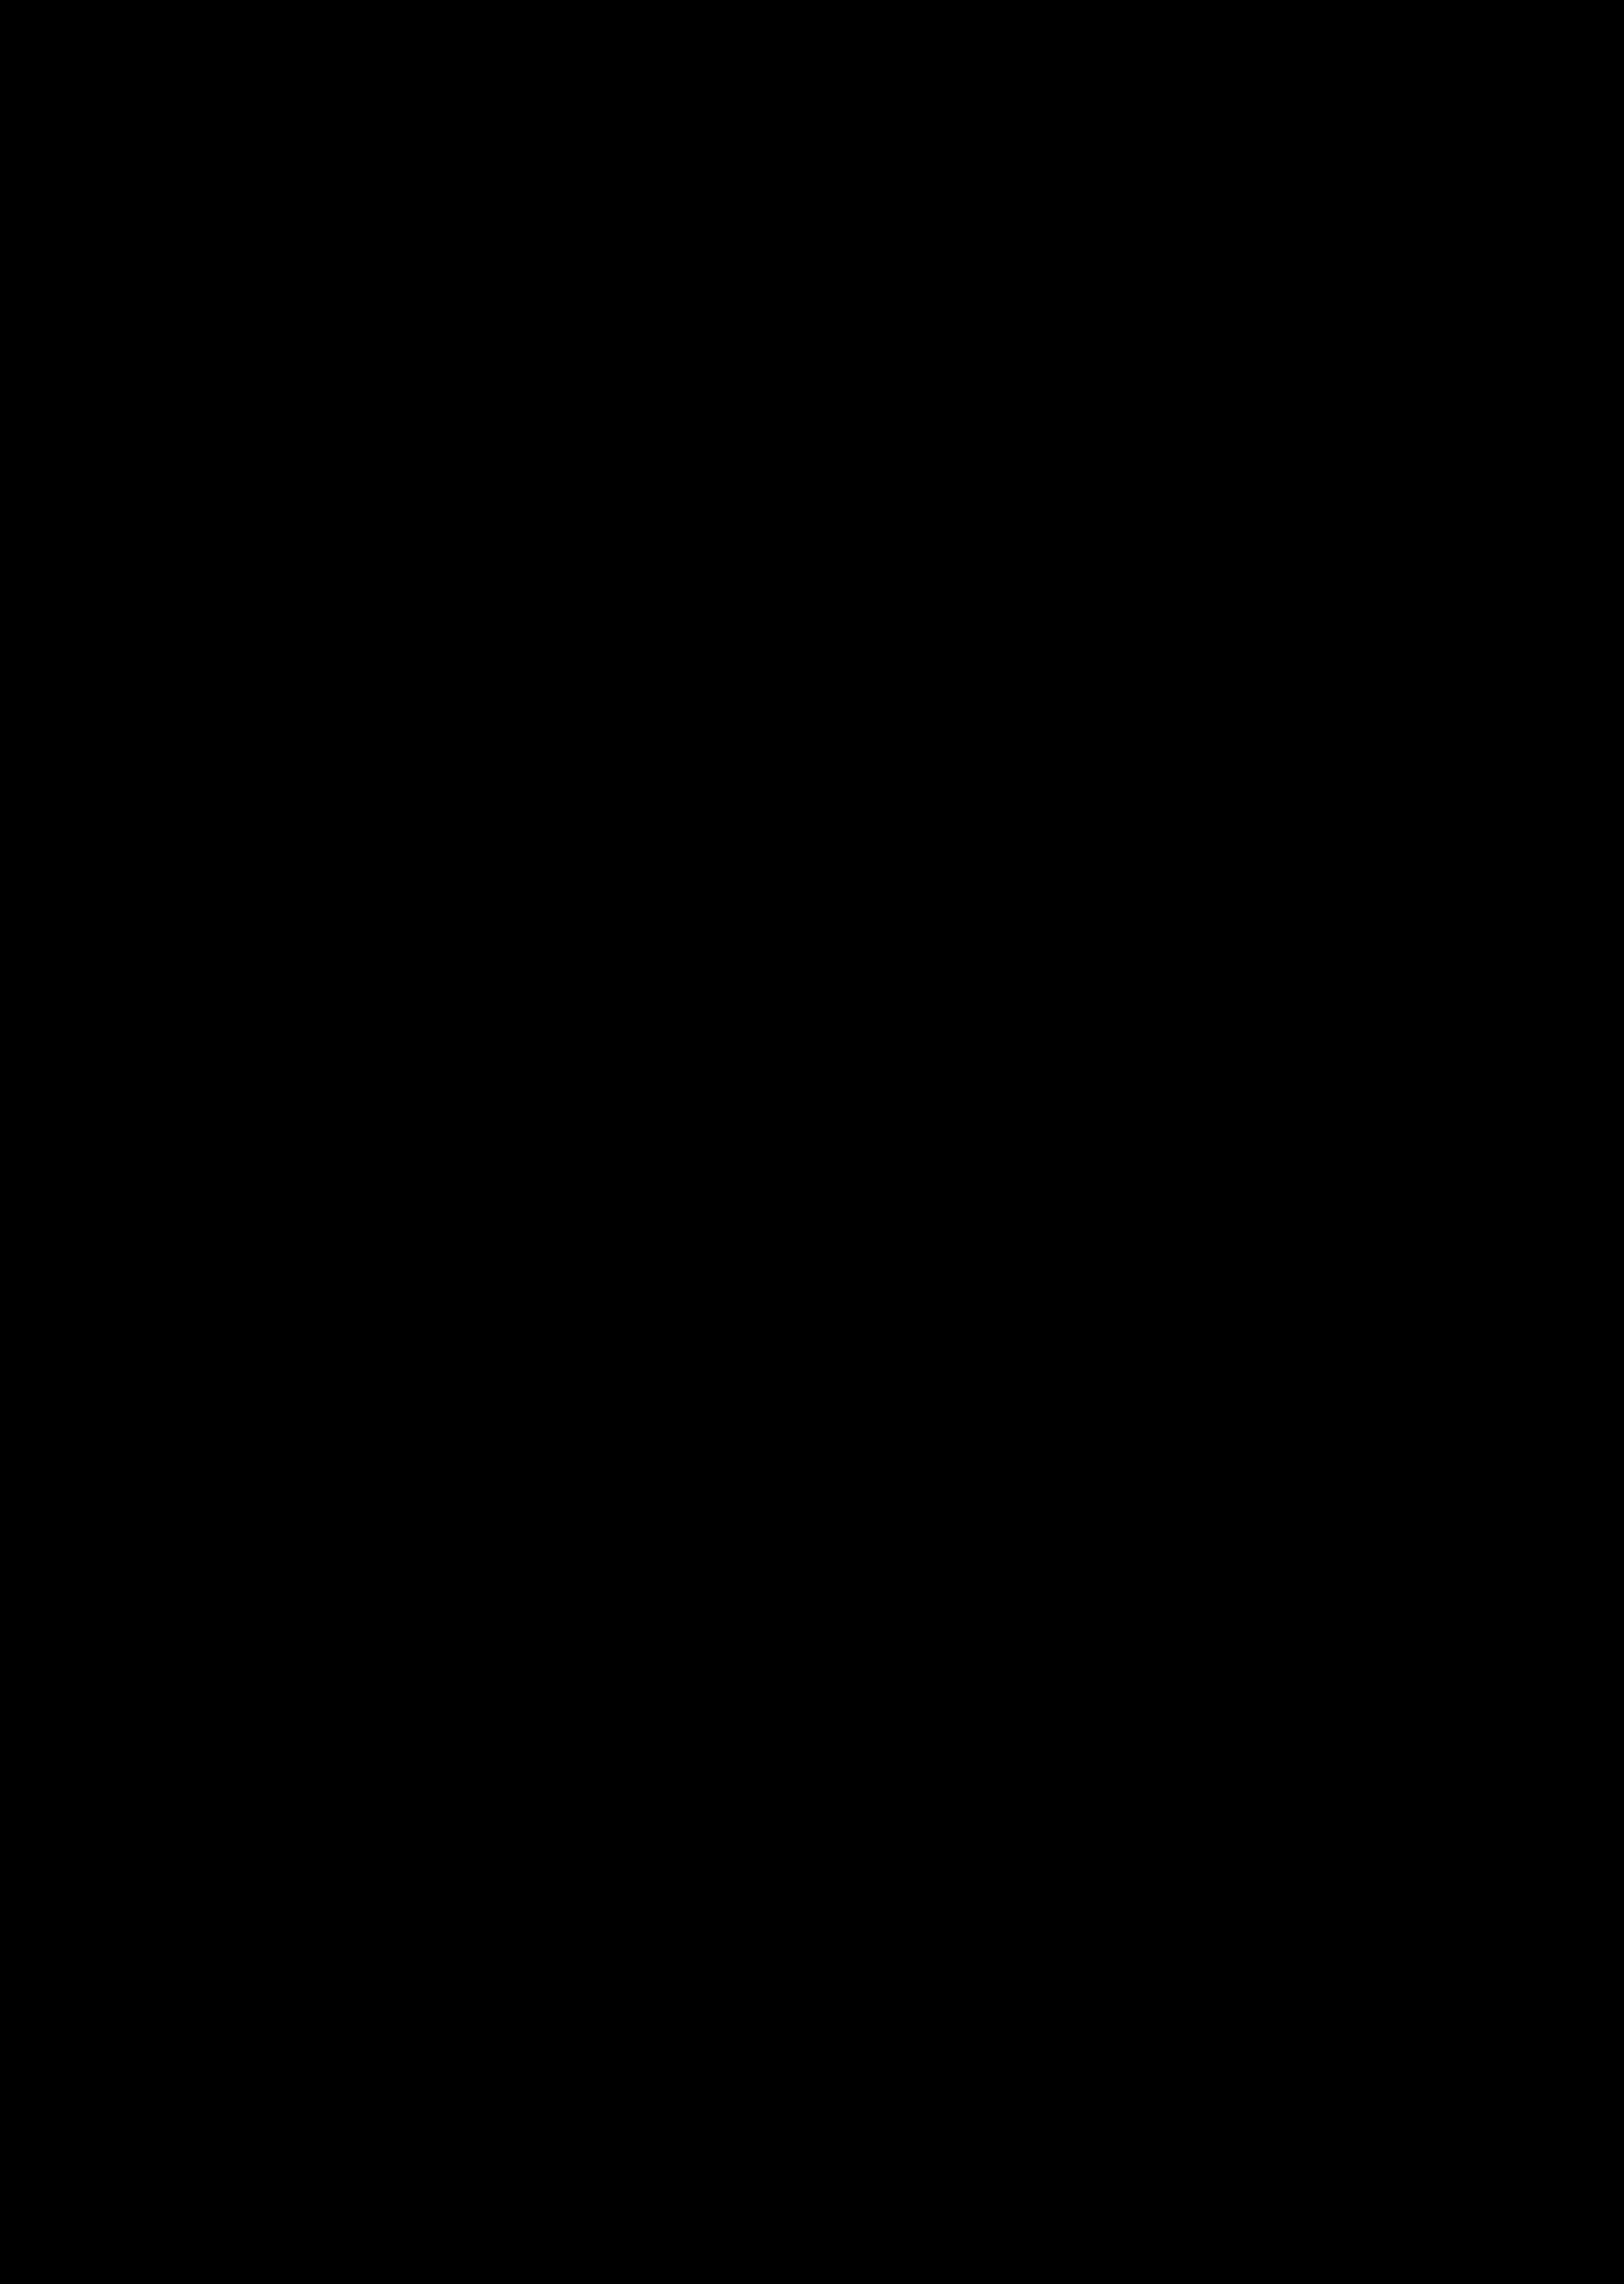 palloncini personalizzati cristallo tabella colori